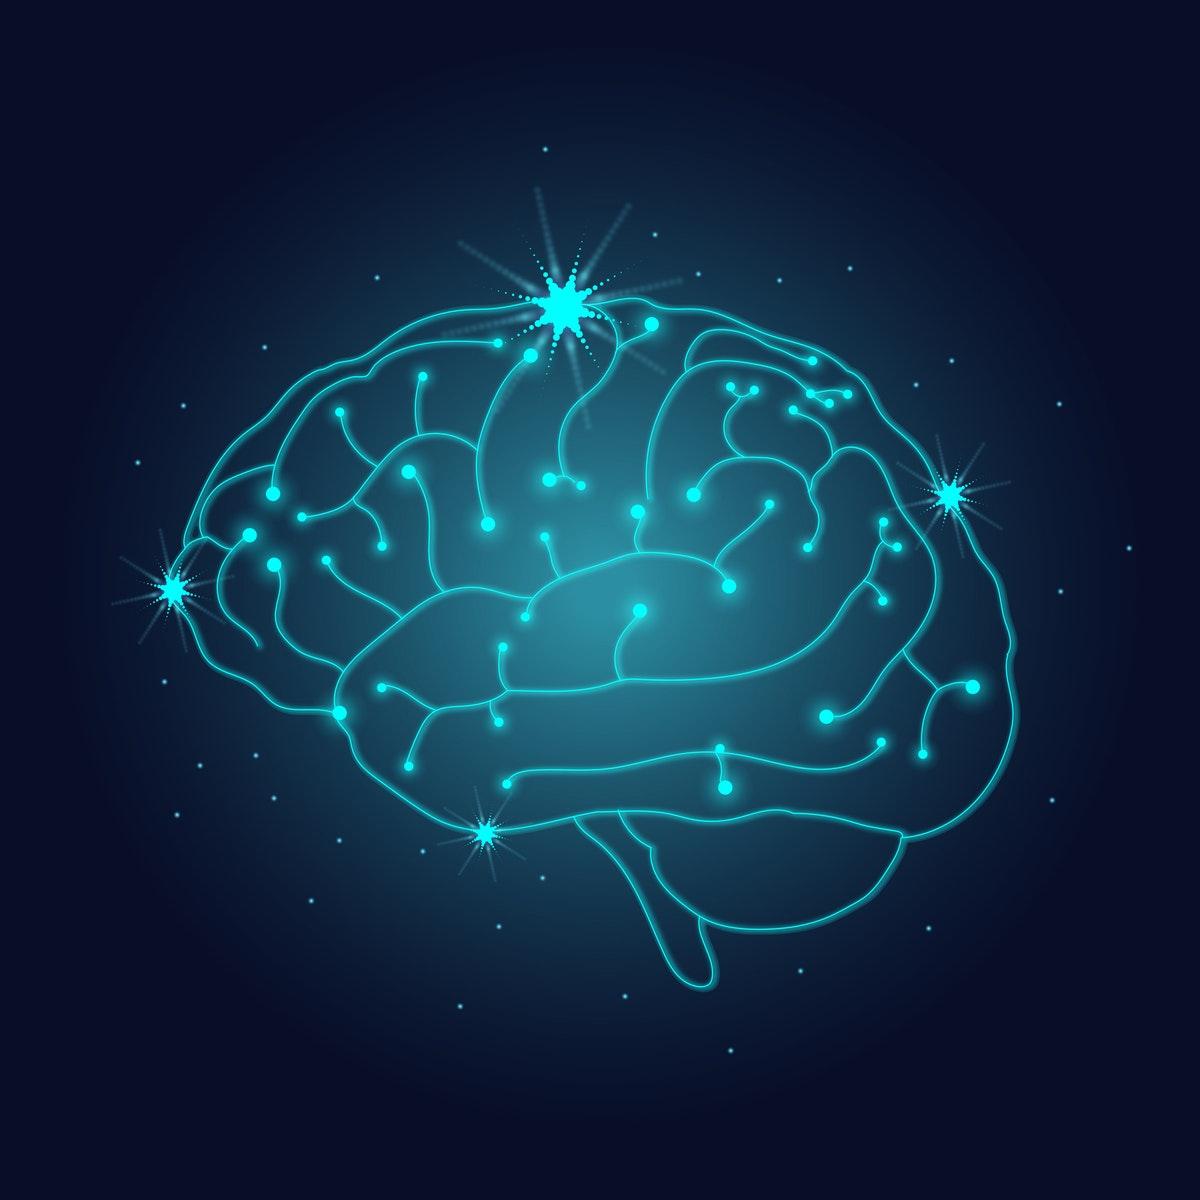 artificial-intelligence-brain-robotic-system.jpg